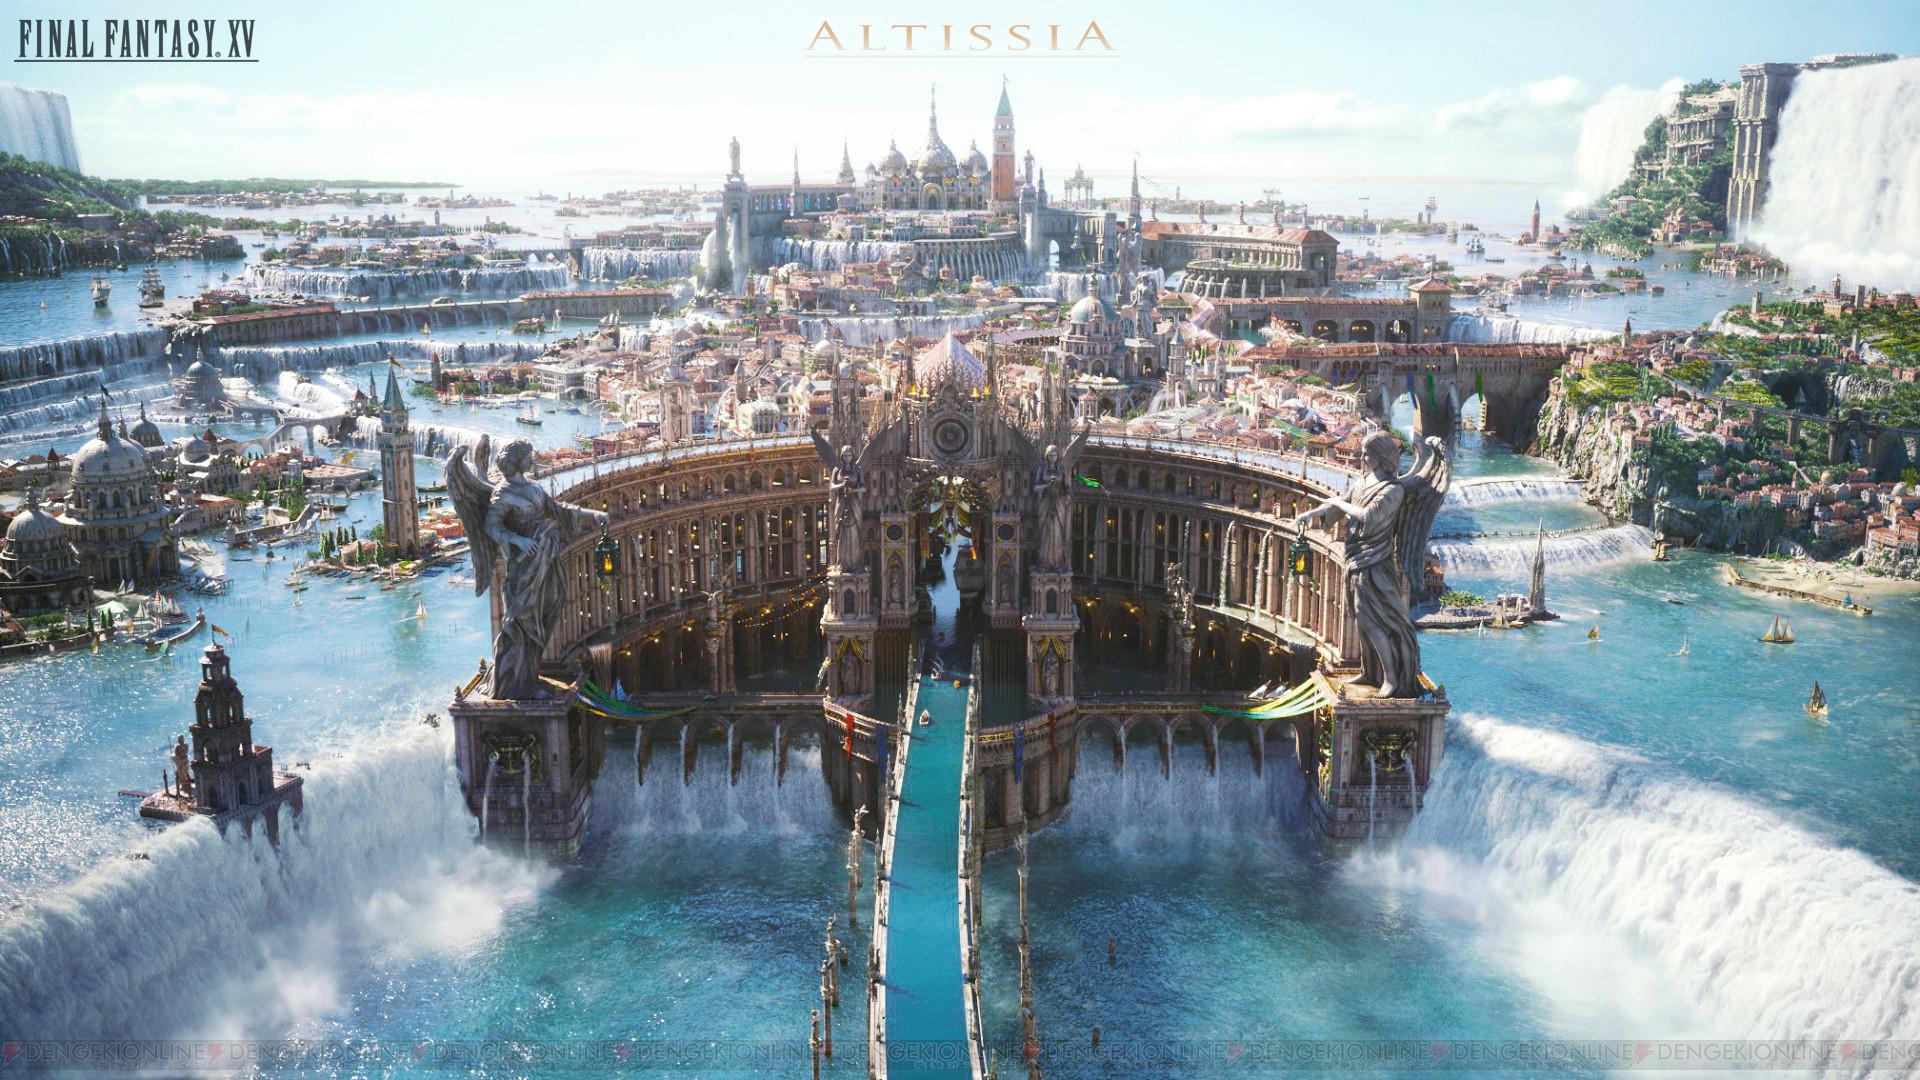 … Final Fantasy XV – Altissia by NurBoyXVI